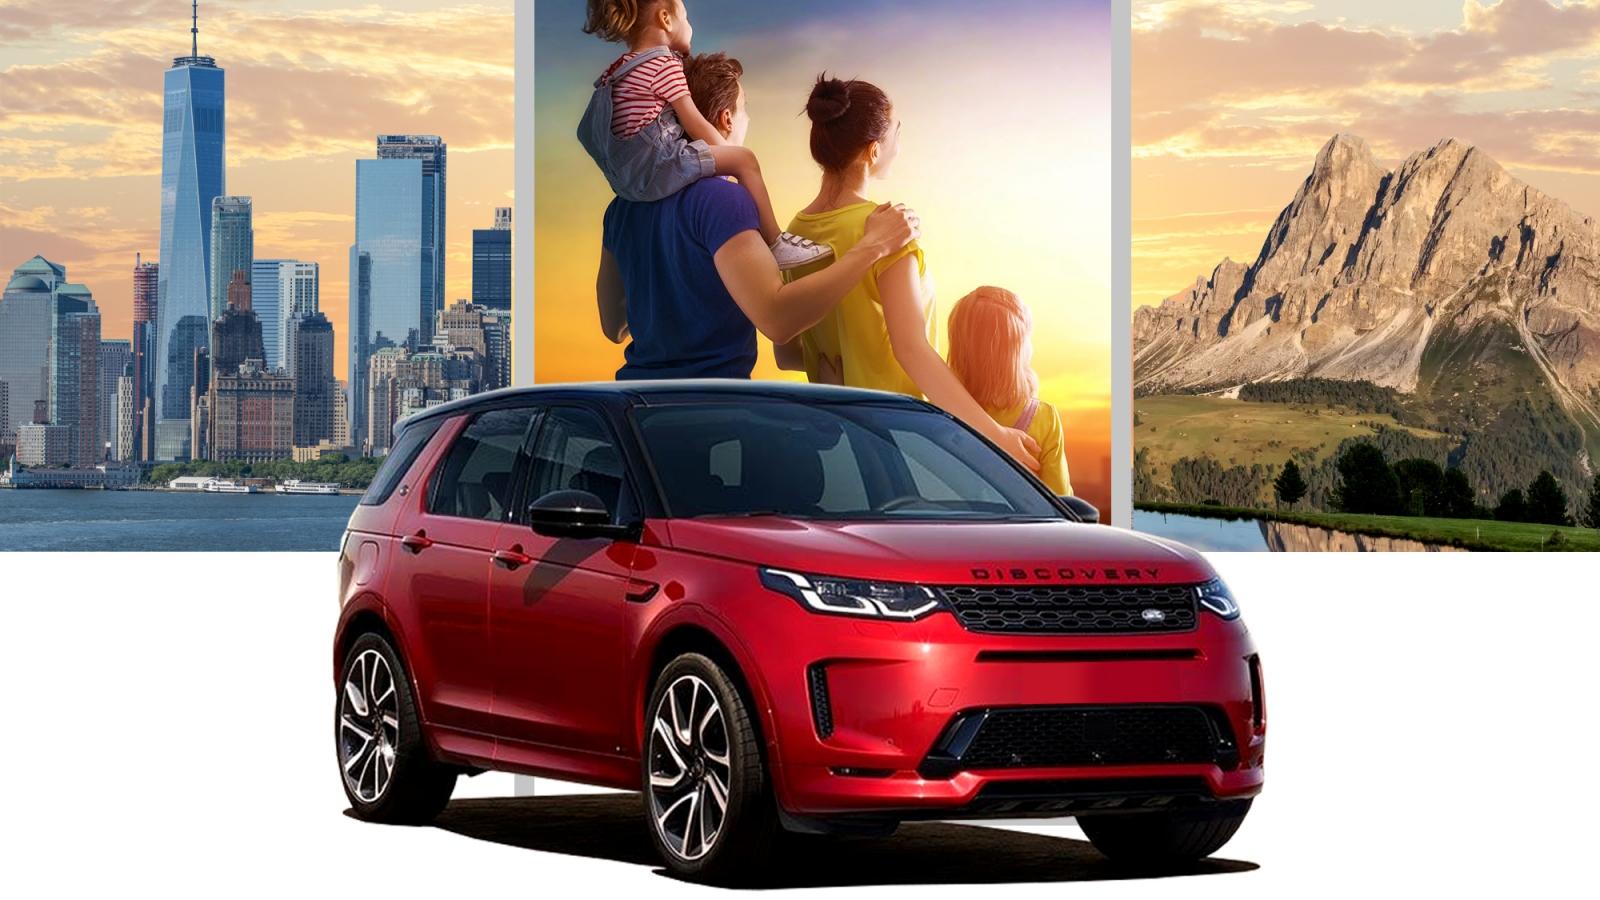 Khám phá Discoversy Sport: Chiếc SUV thể thao đa dụng dành cho gia đình